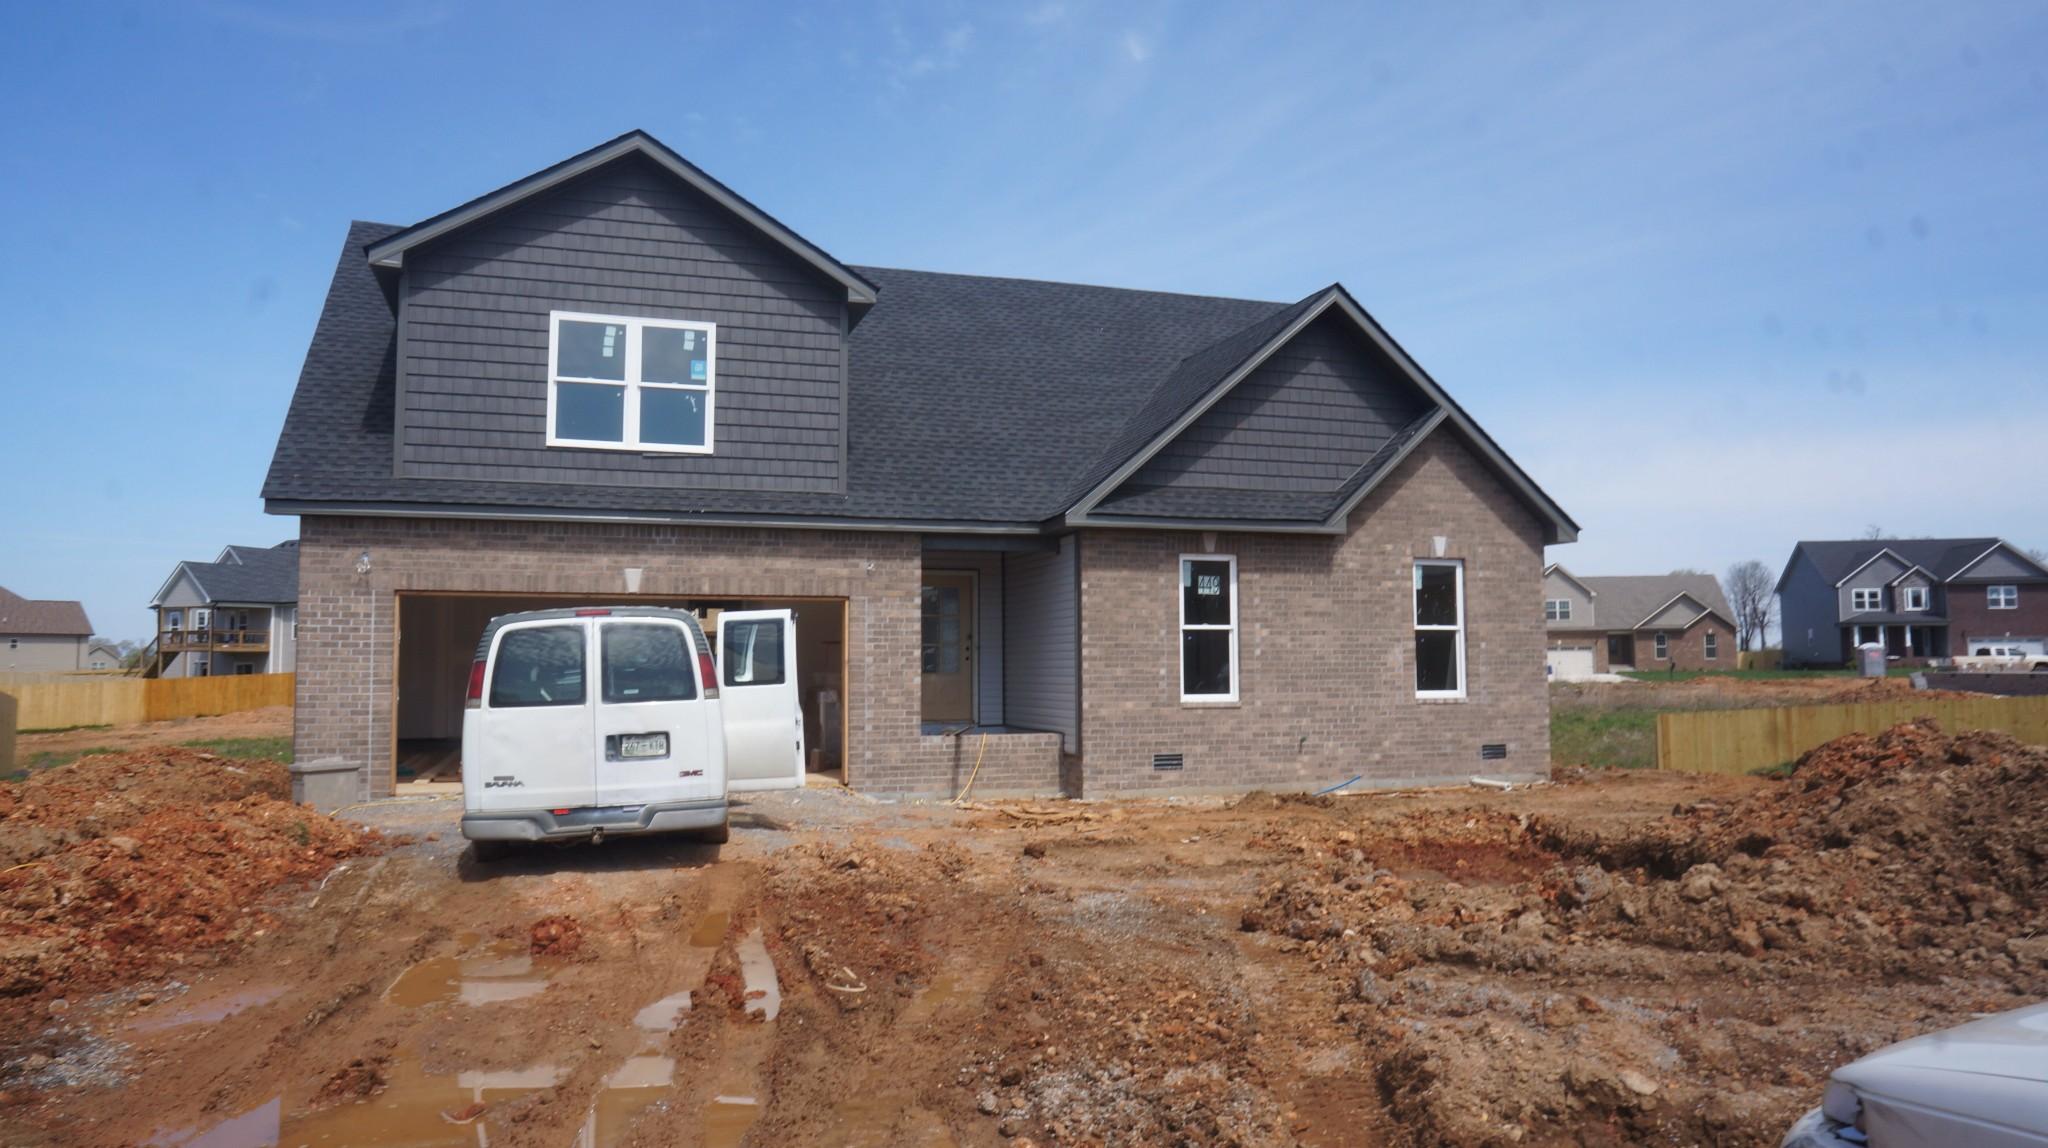 449 Autumnwood Farms , Clarksville, TN 37042 - Clarksville, TN real estate listing